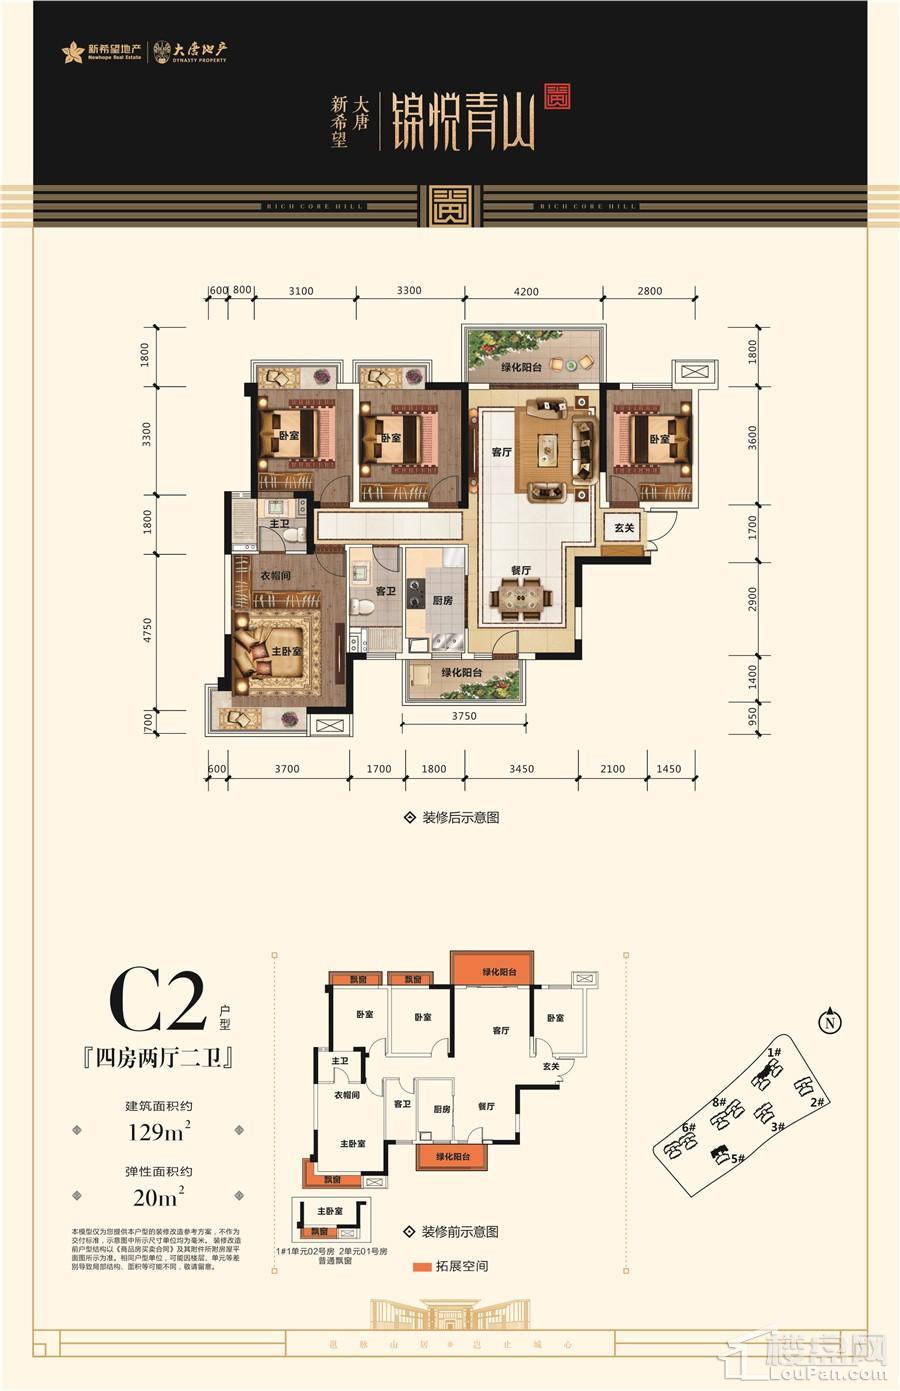 锦悦青山1/5#楼C2户型